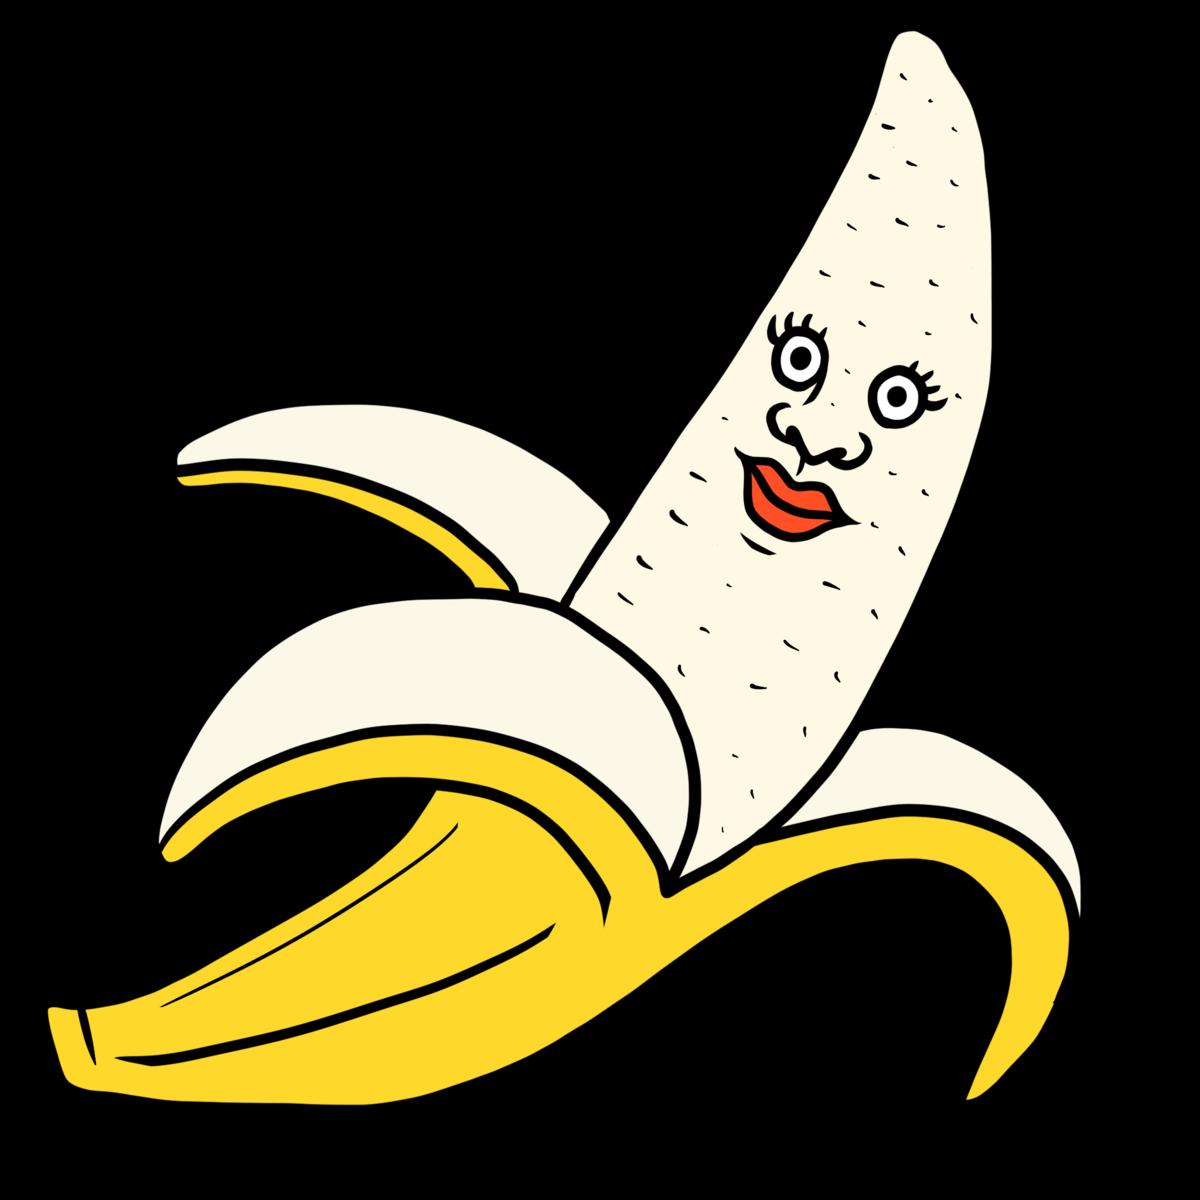 かわいいバナナ